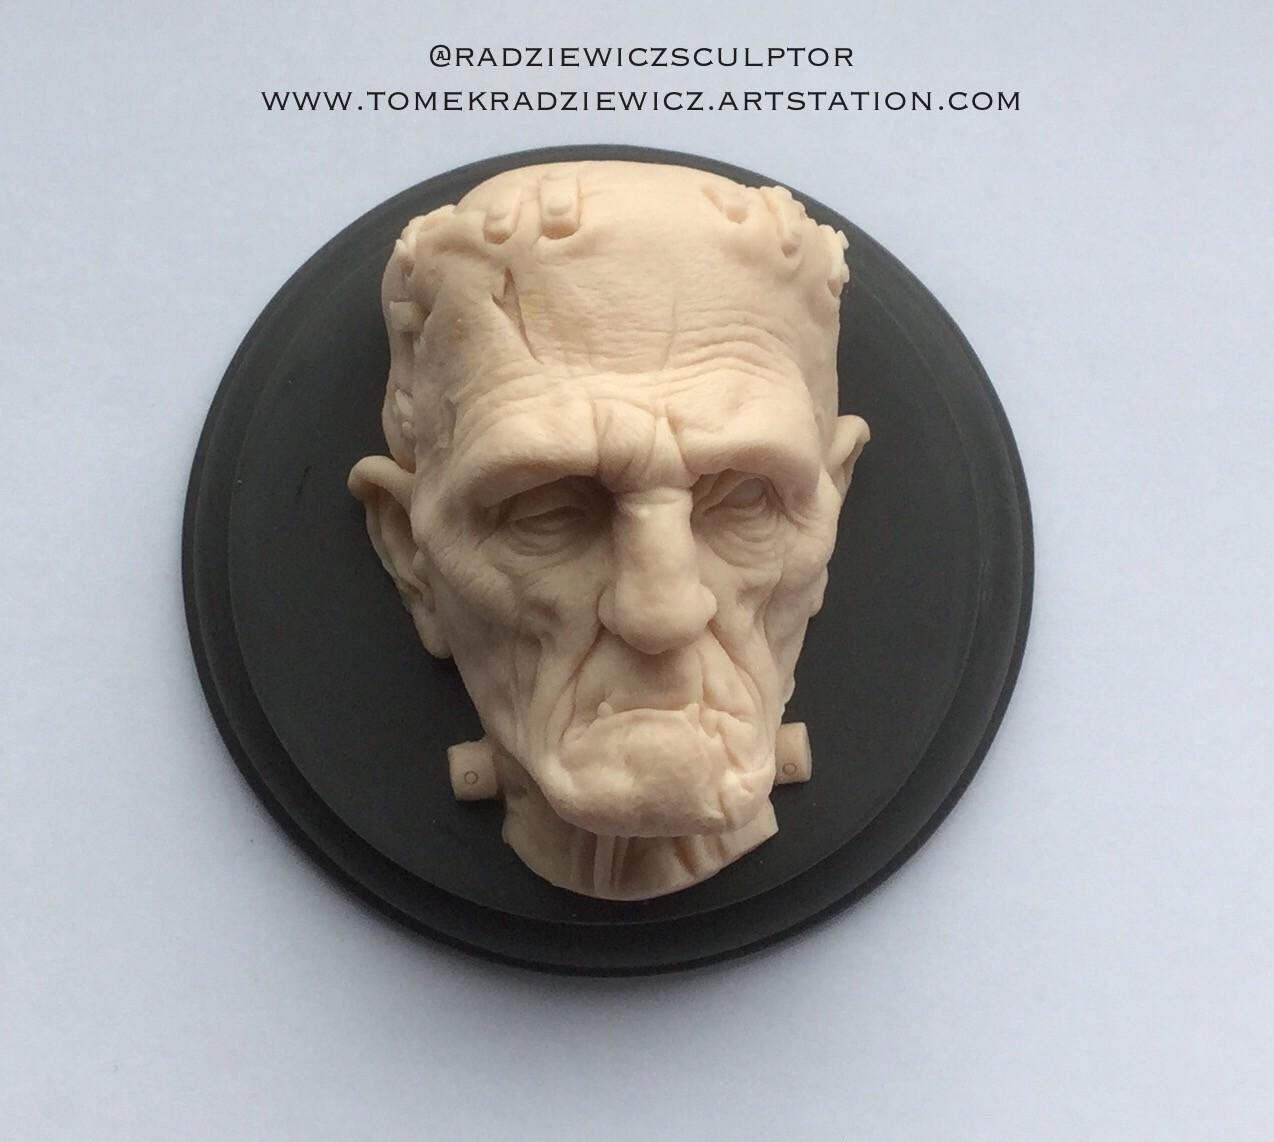 Frankenstein/cast resin